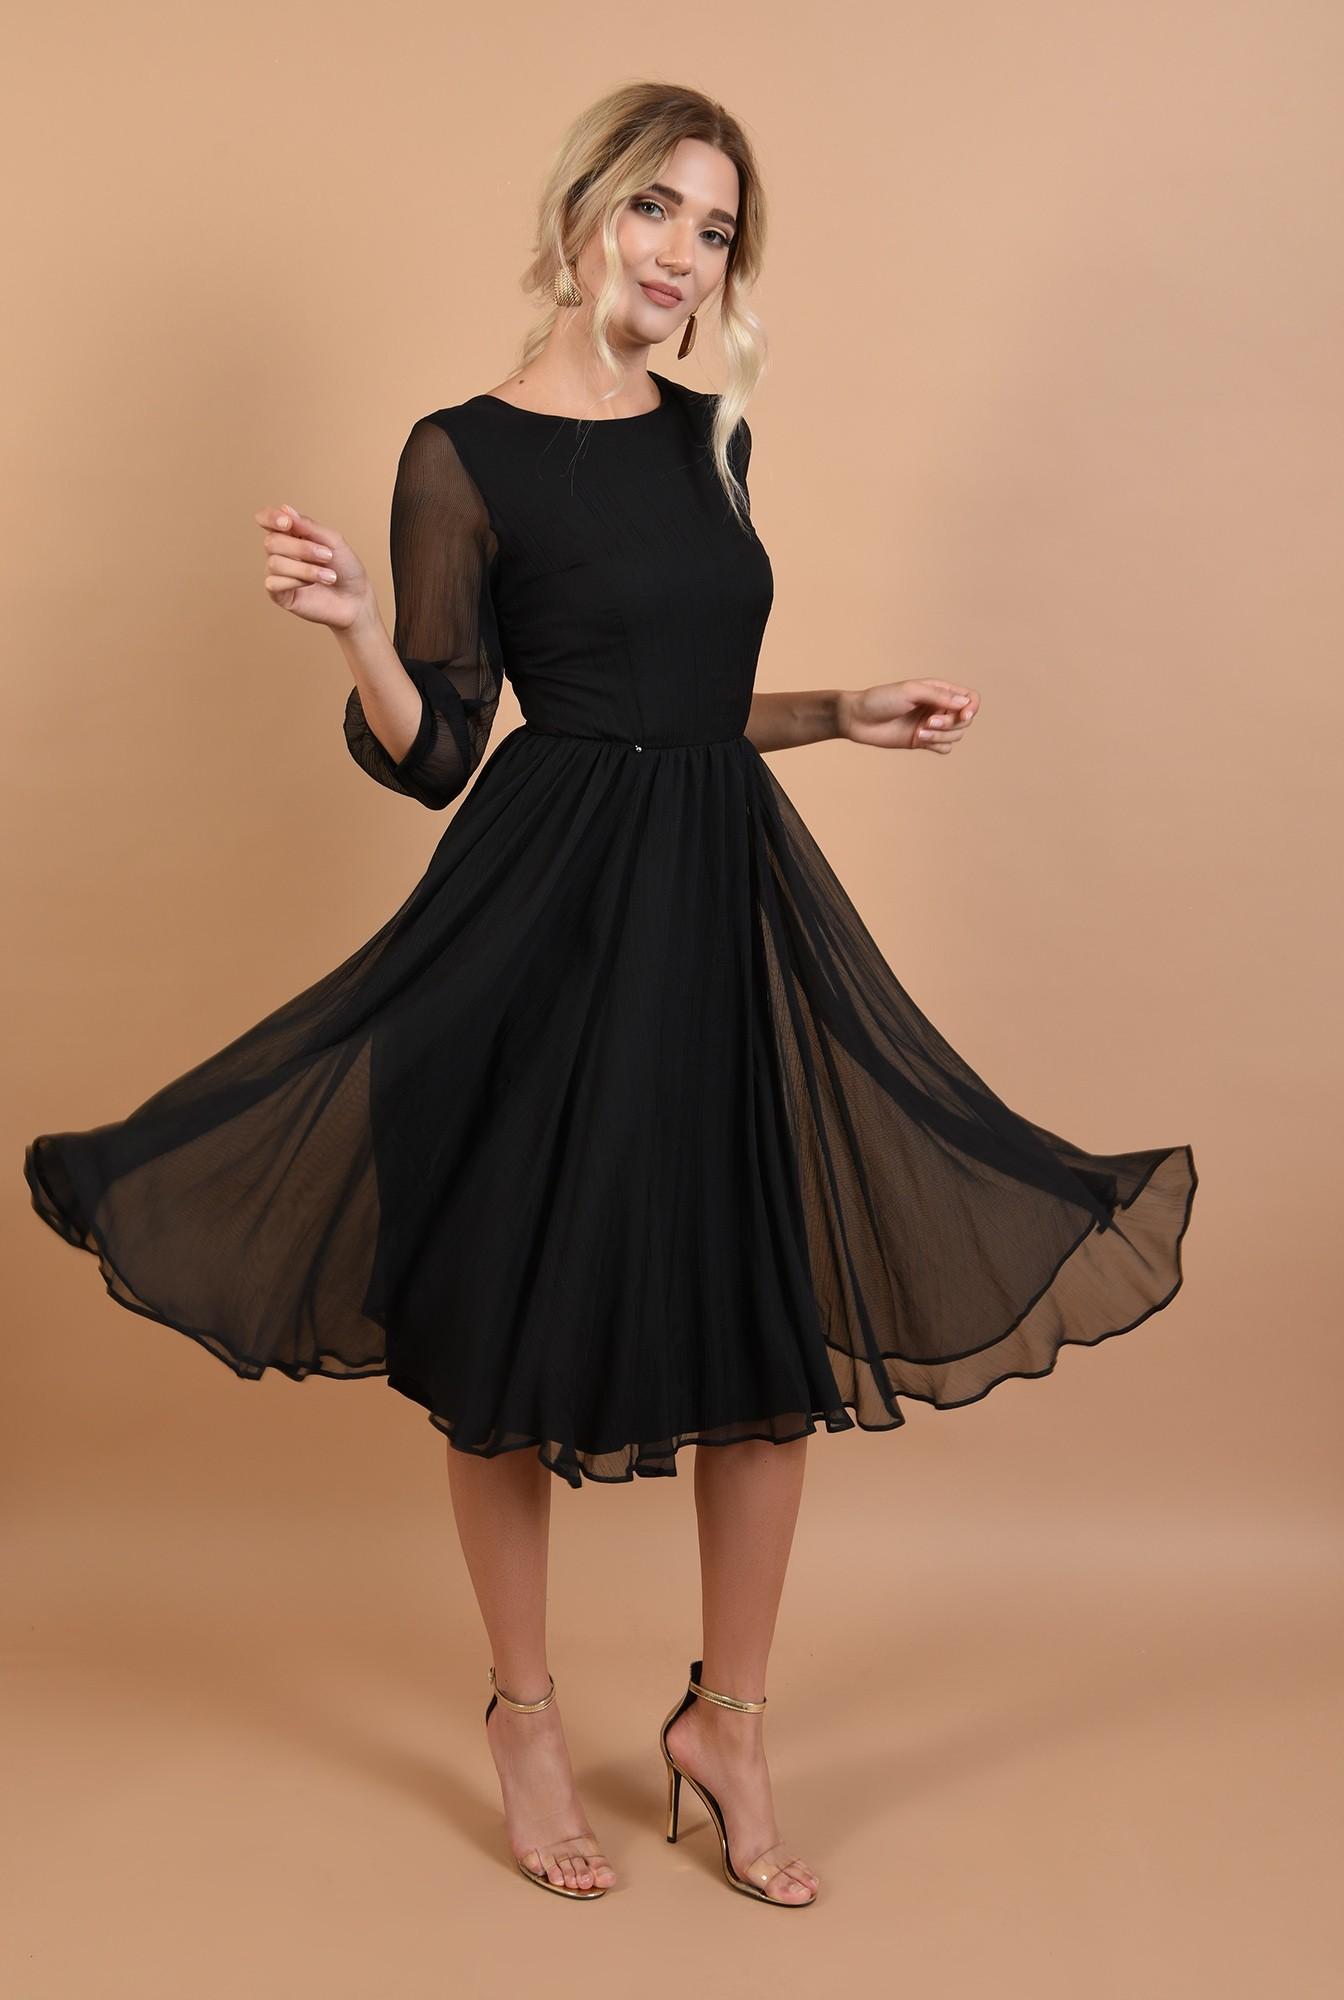 0 - rochie de ocazie, neagra, decolteu la baza gatului, croi evazat, maneci bufante, Poema